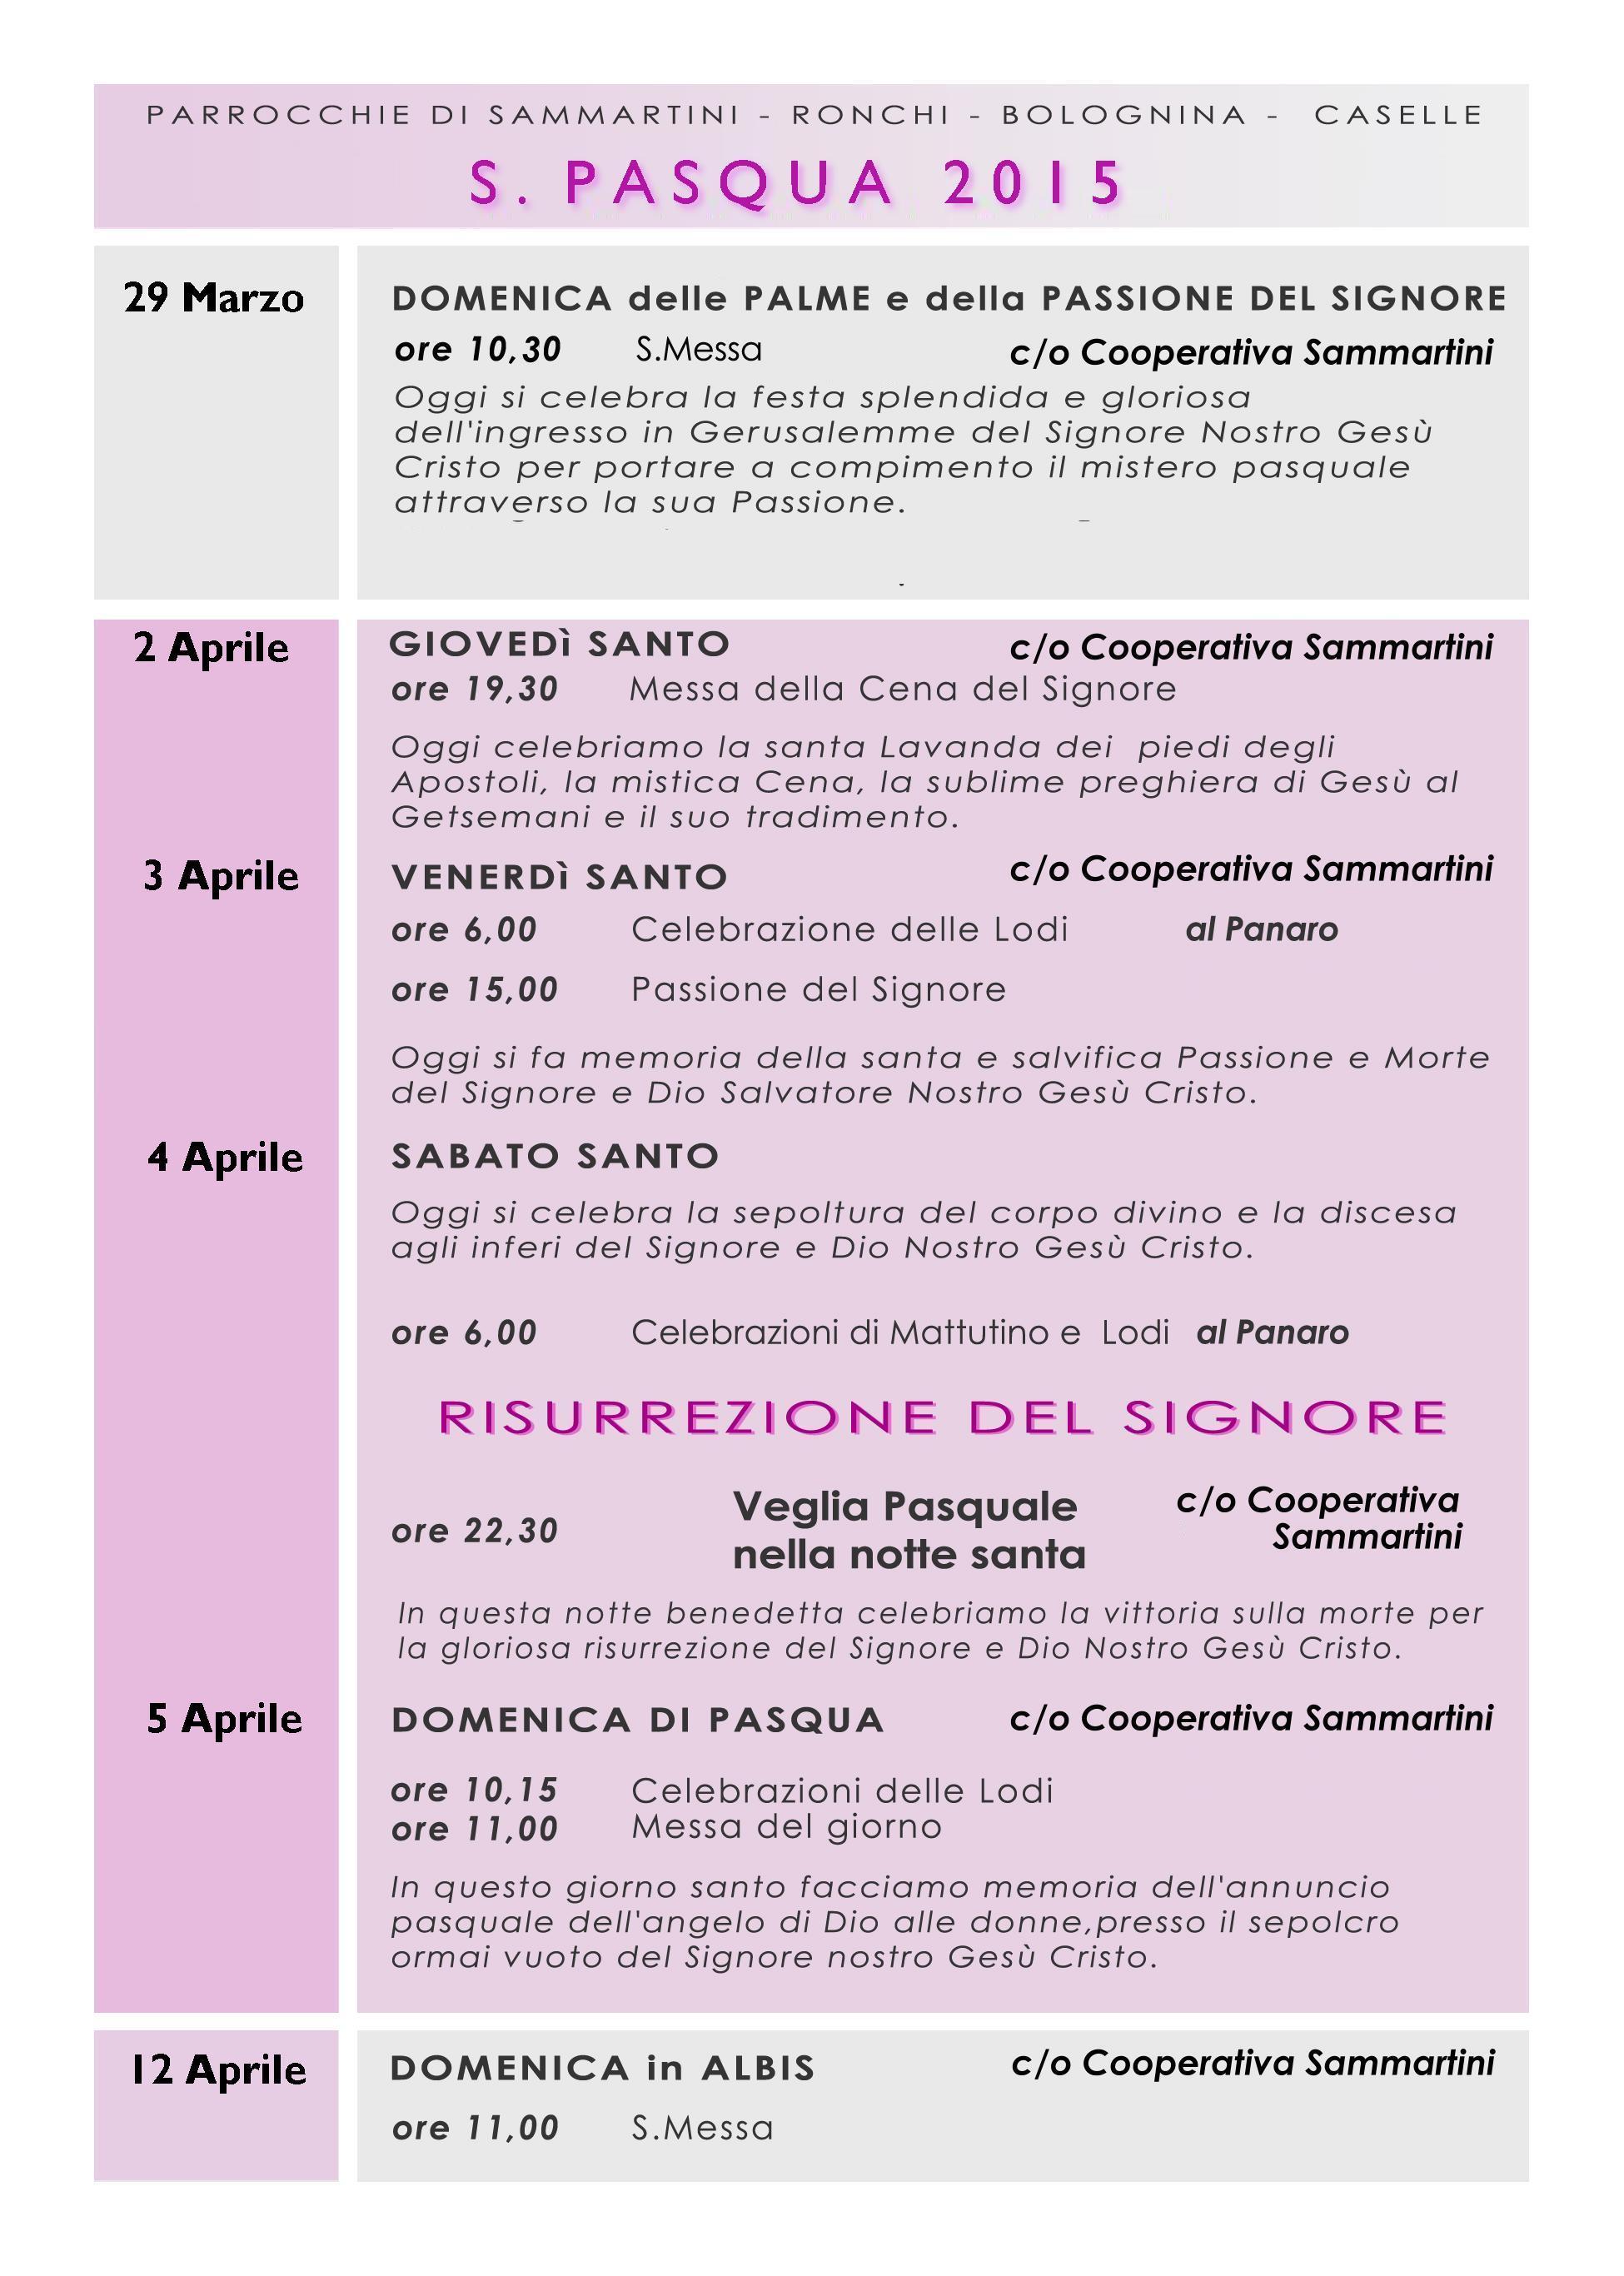 Liturgie pasquali a Sammartini 2015